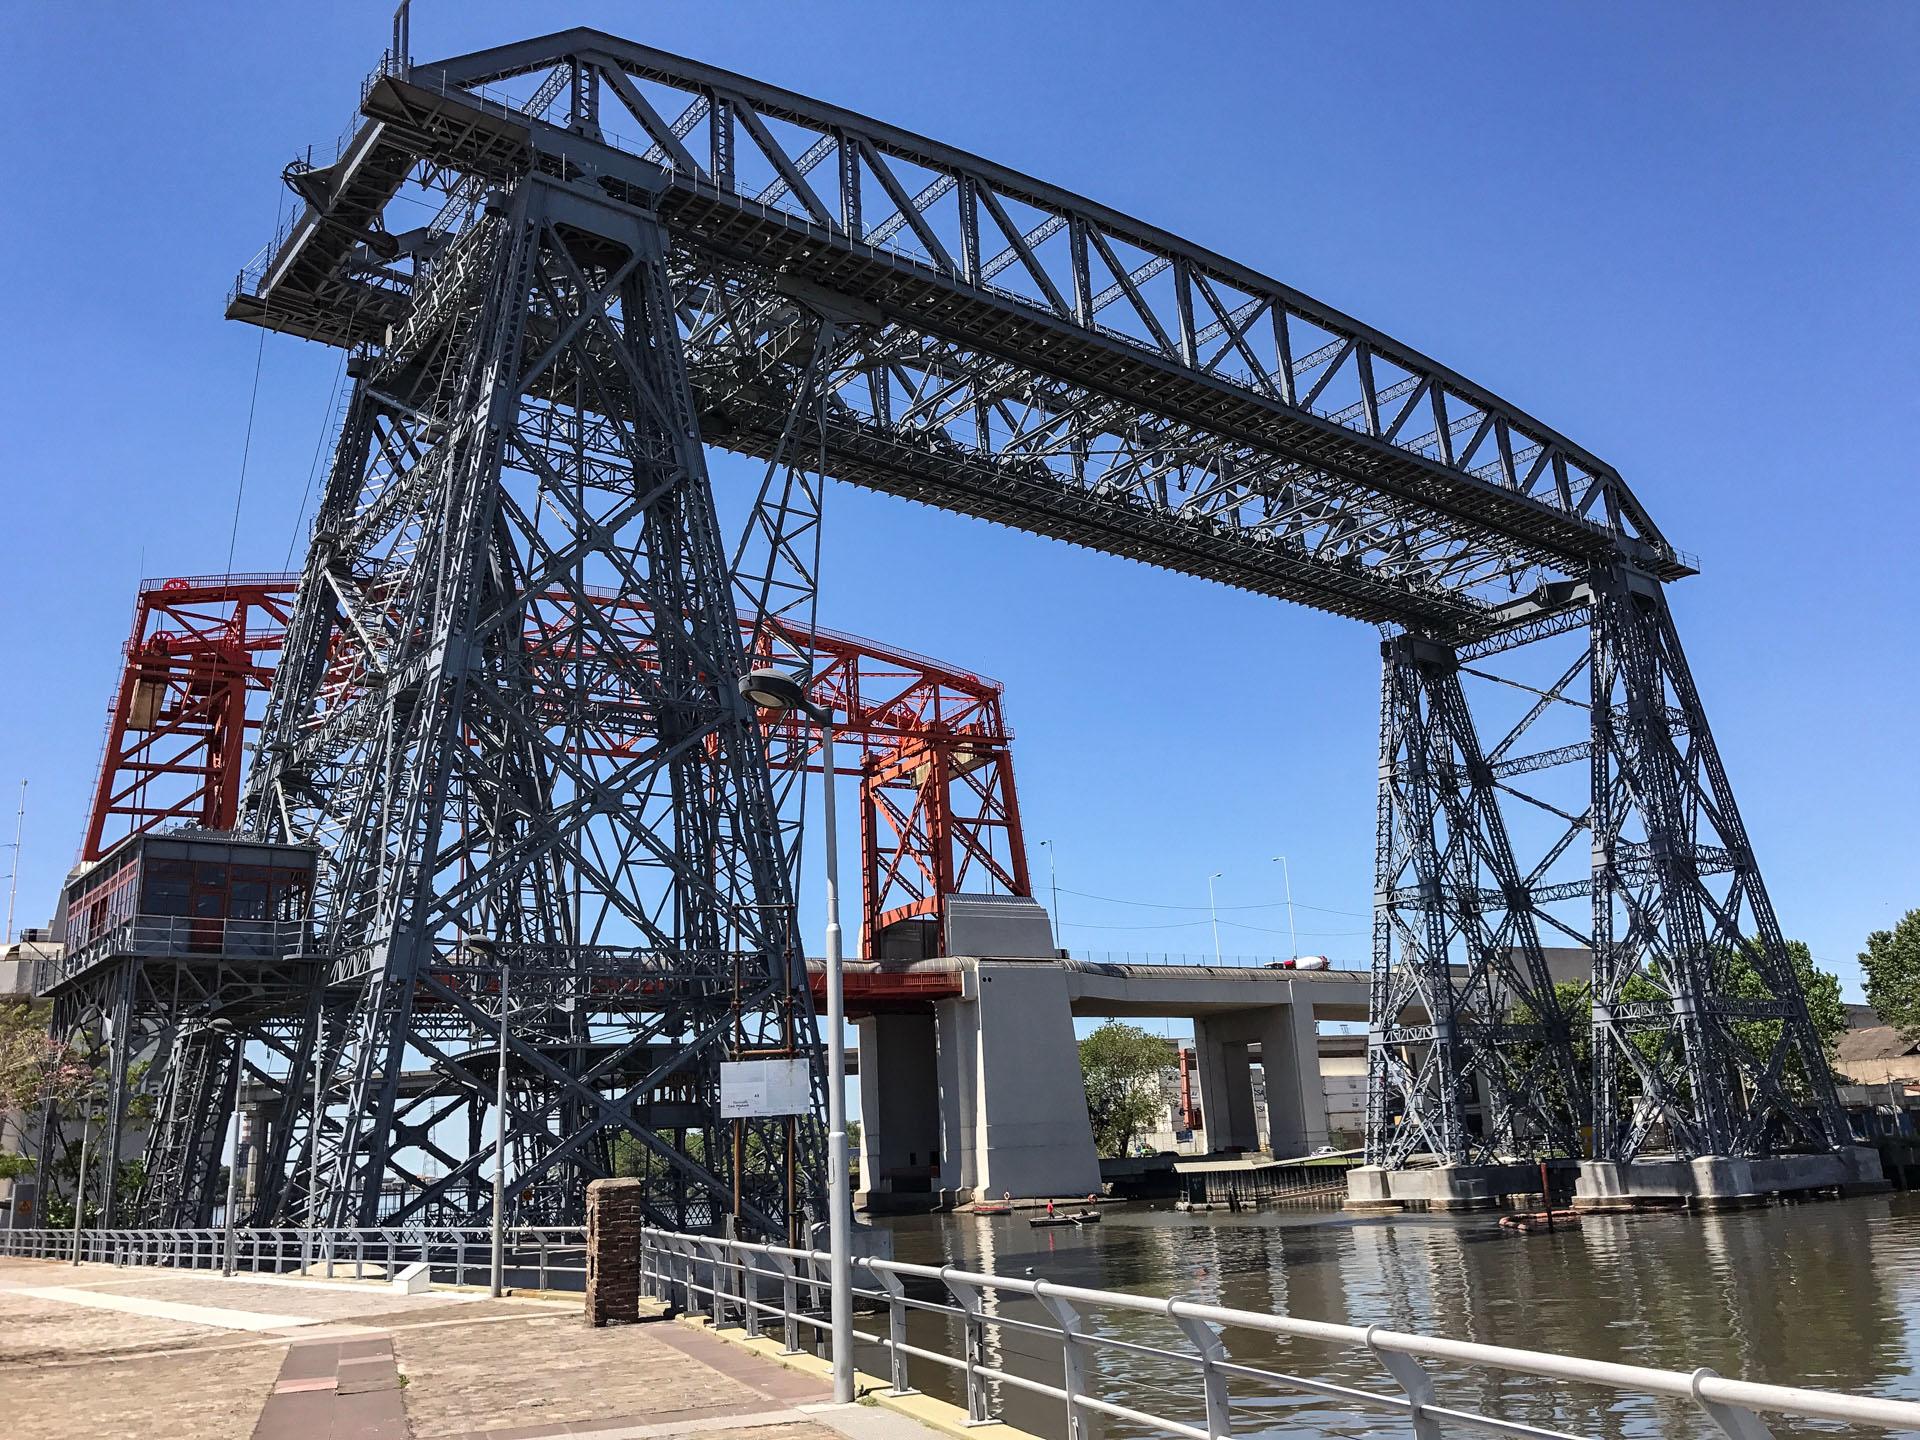 Transbordador y puente Nicolás Avellaneda, barrio de La Boca, Buenos Aires.